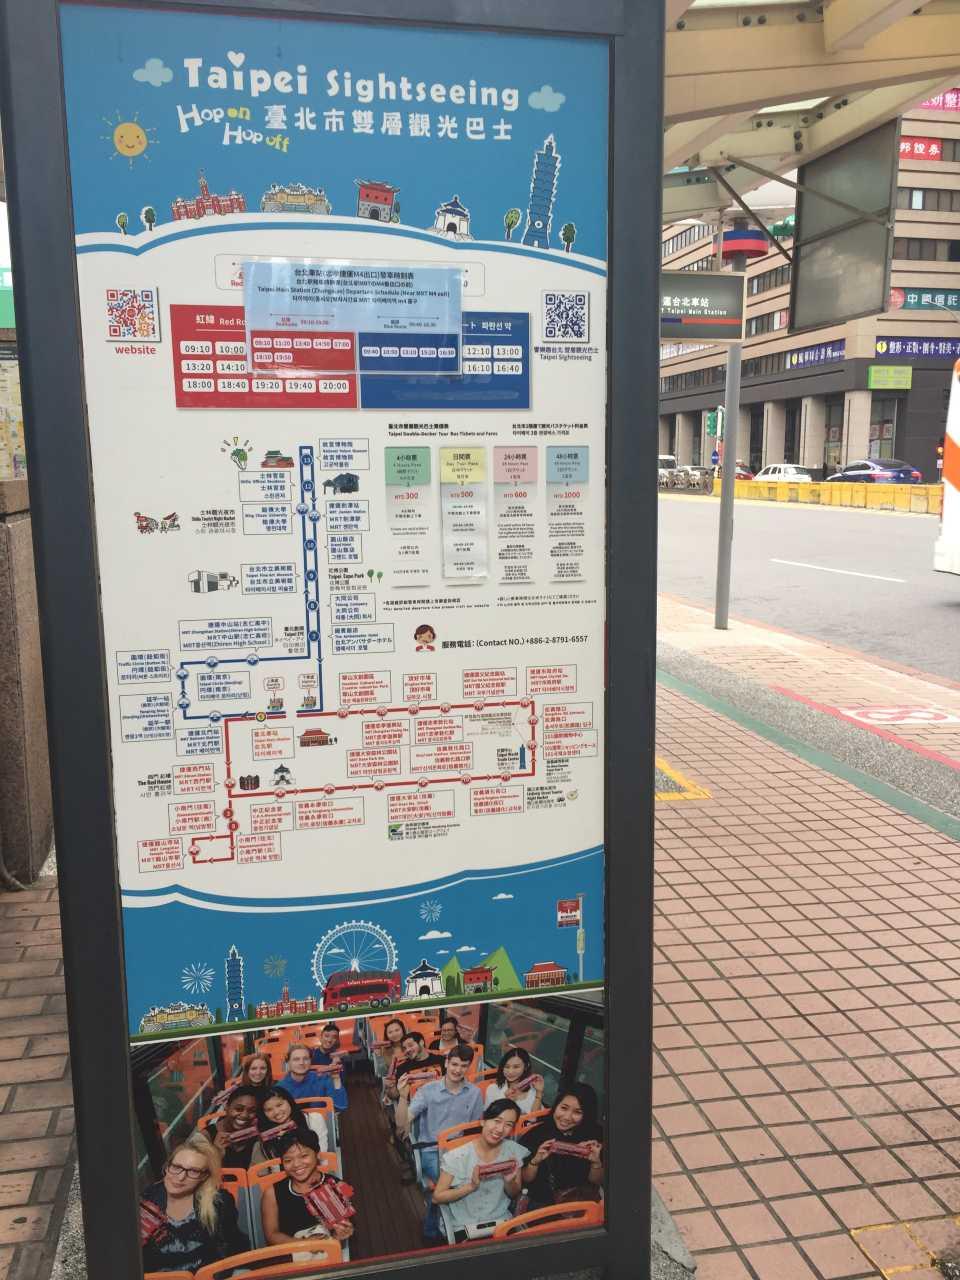 台北雙層觀光巴士,紅線一日吃玩攻略!探索城市的超chill視角